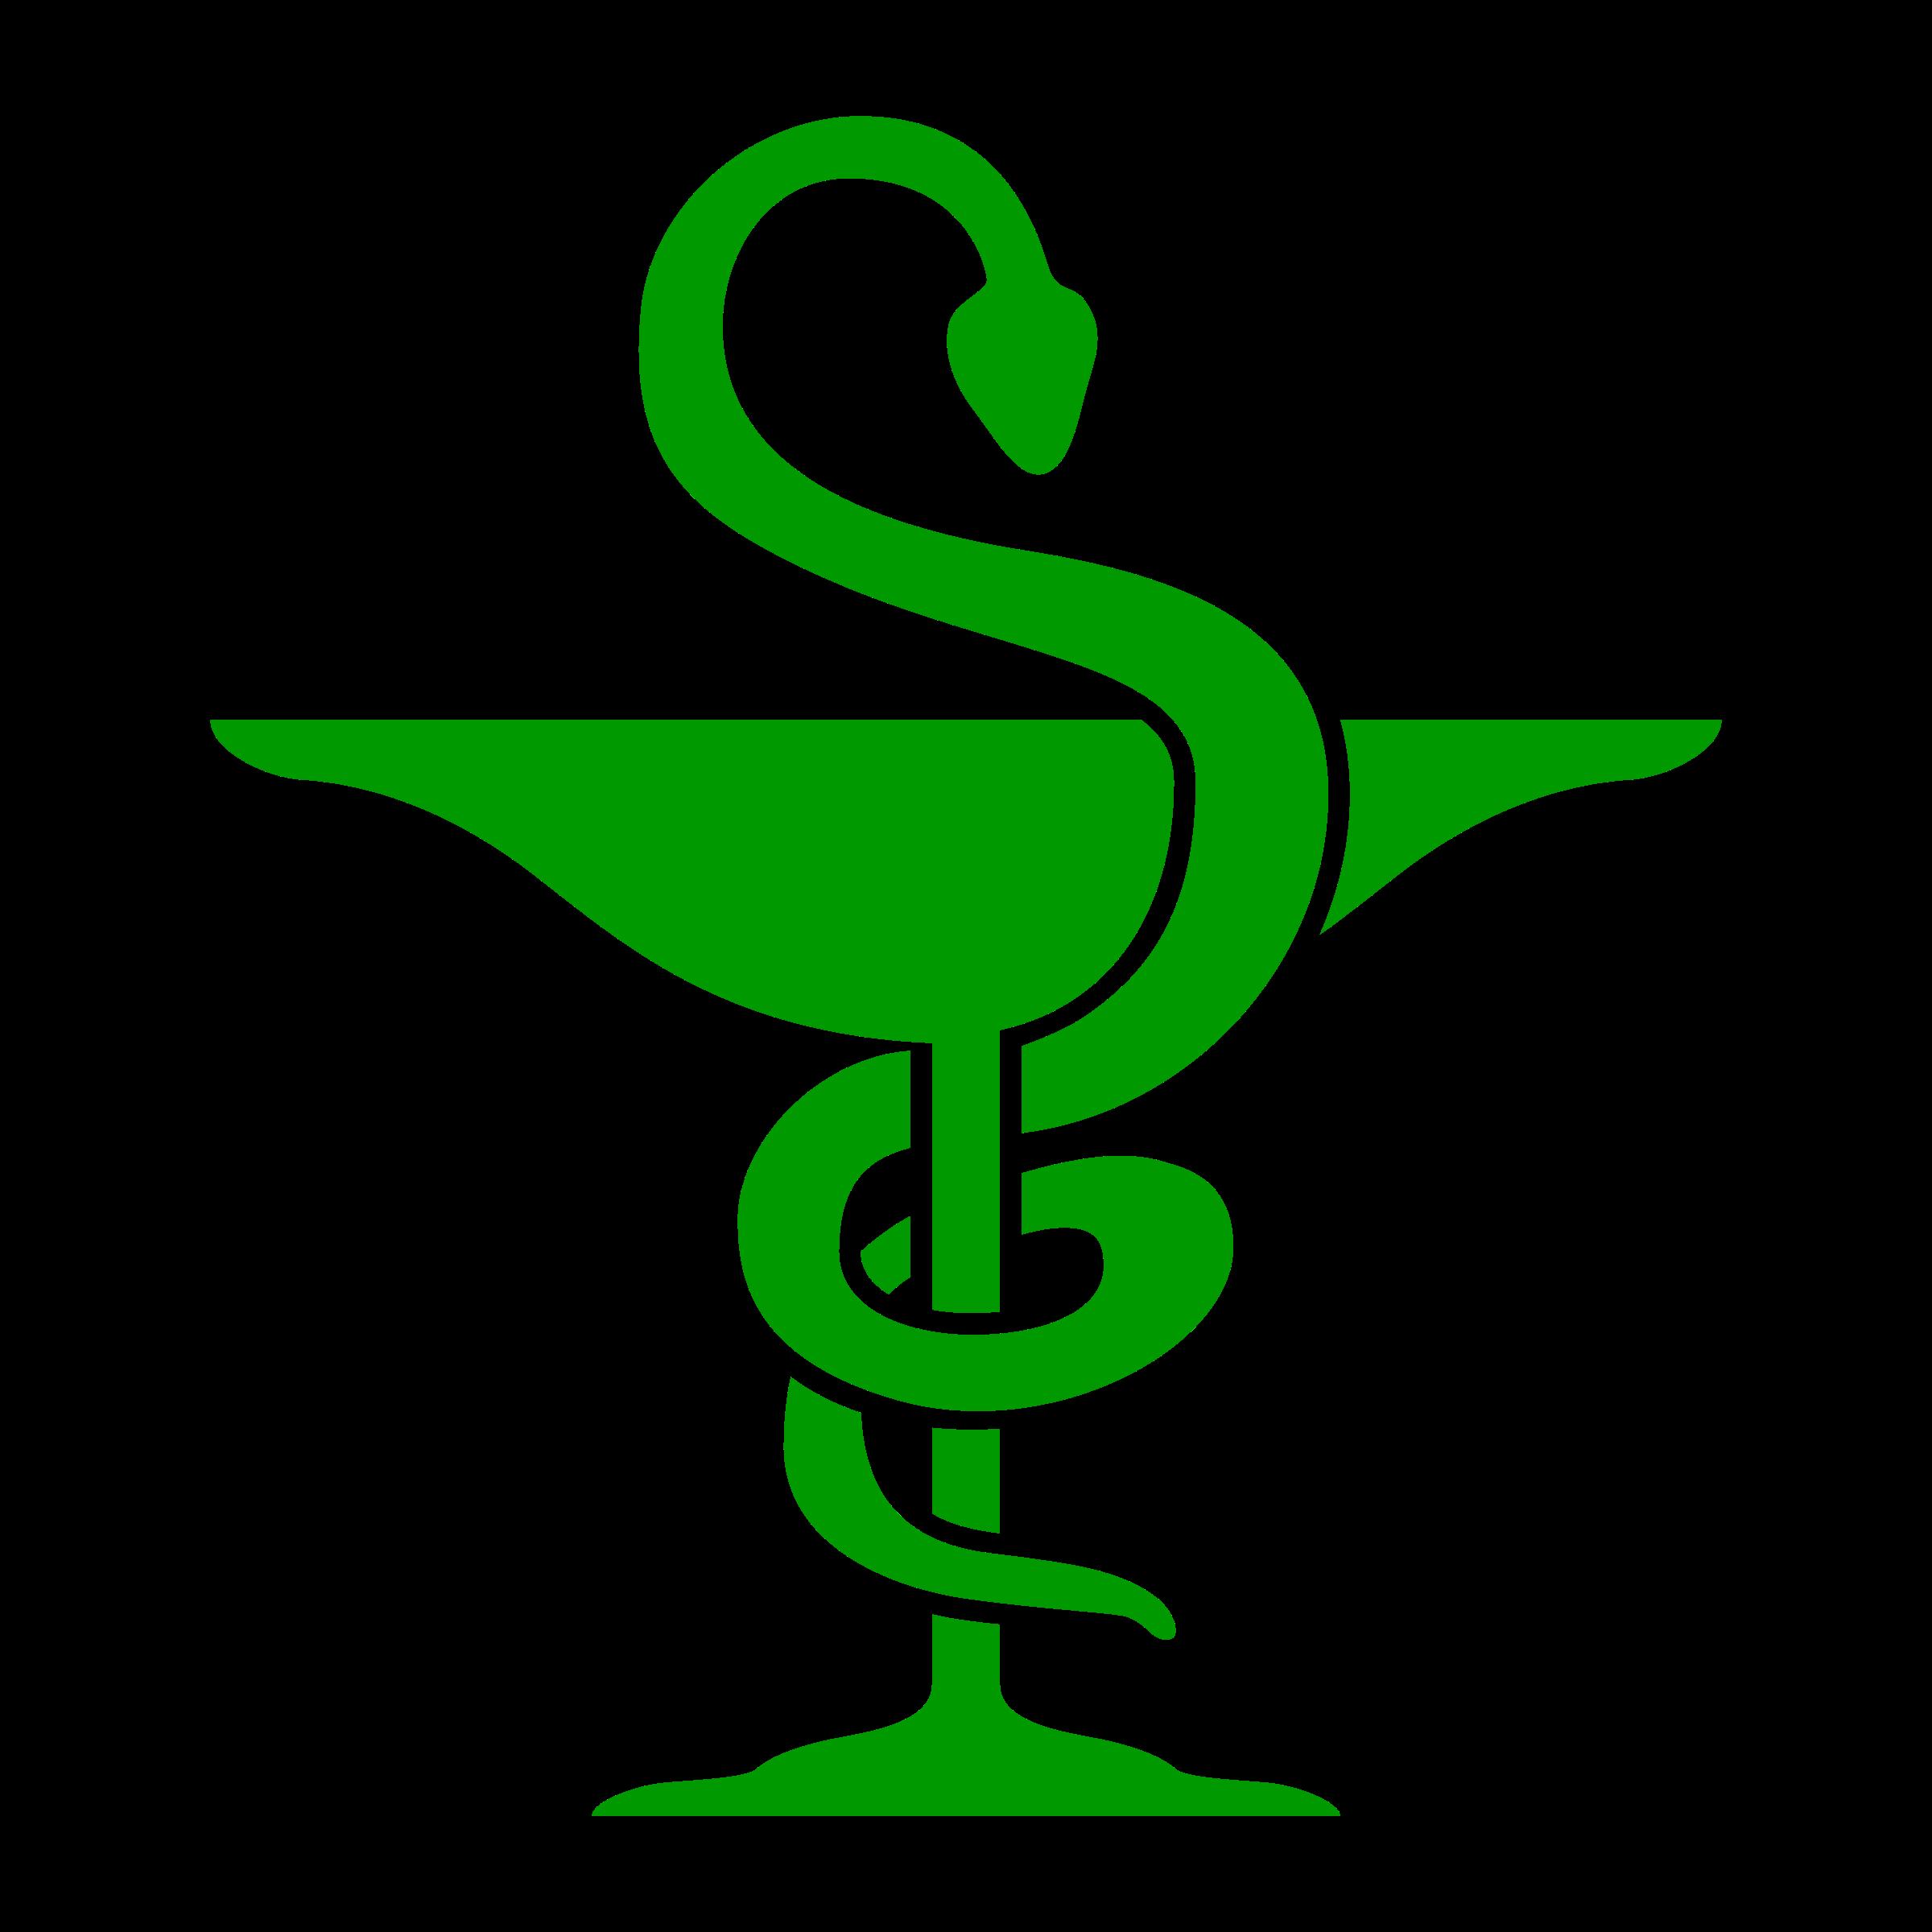 pharmacy logo - Google zoeken   drugstore   Pinterest ...